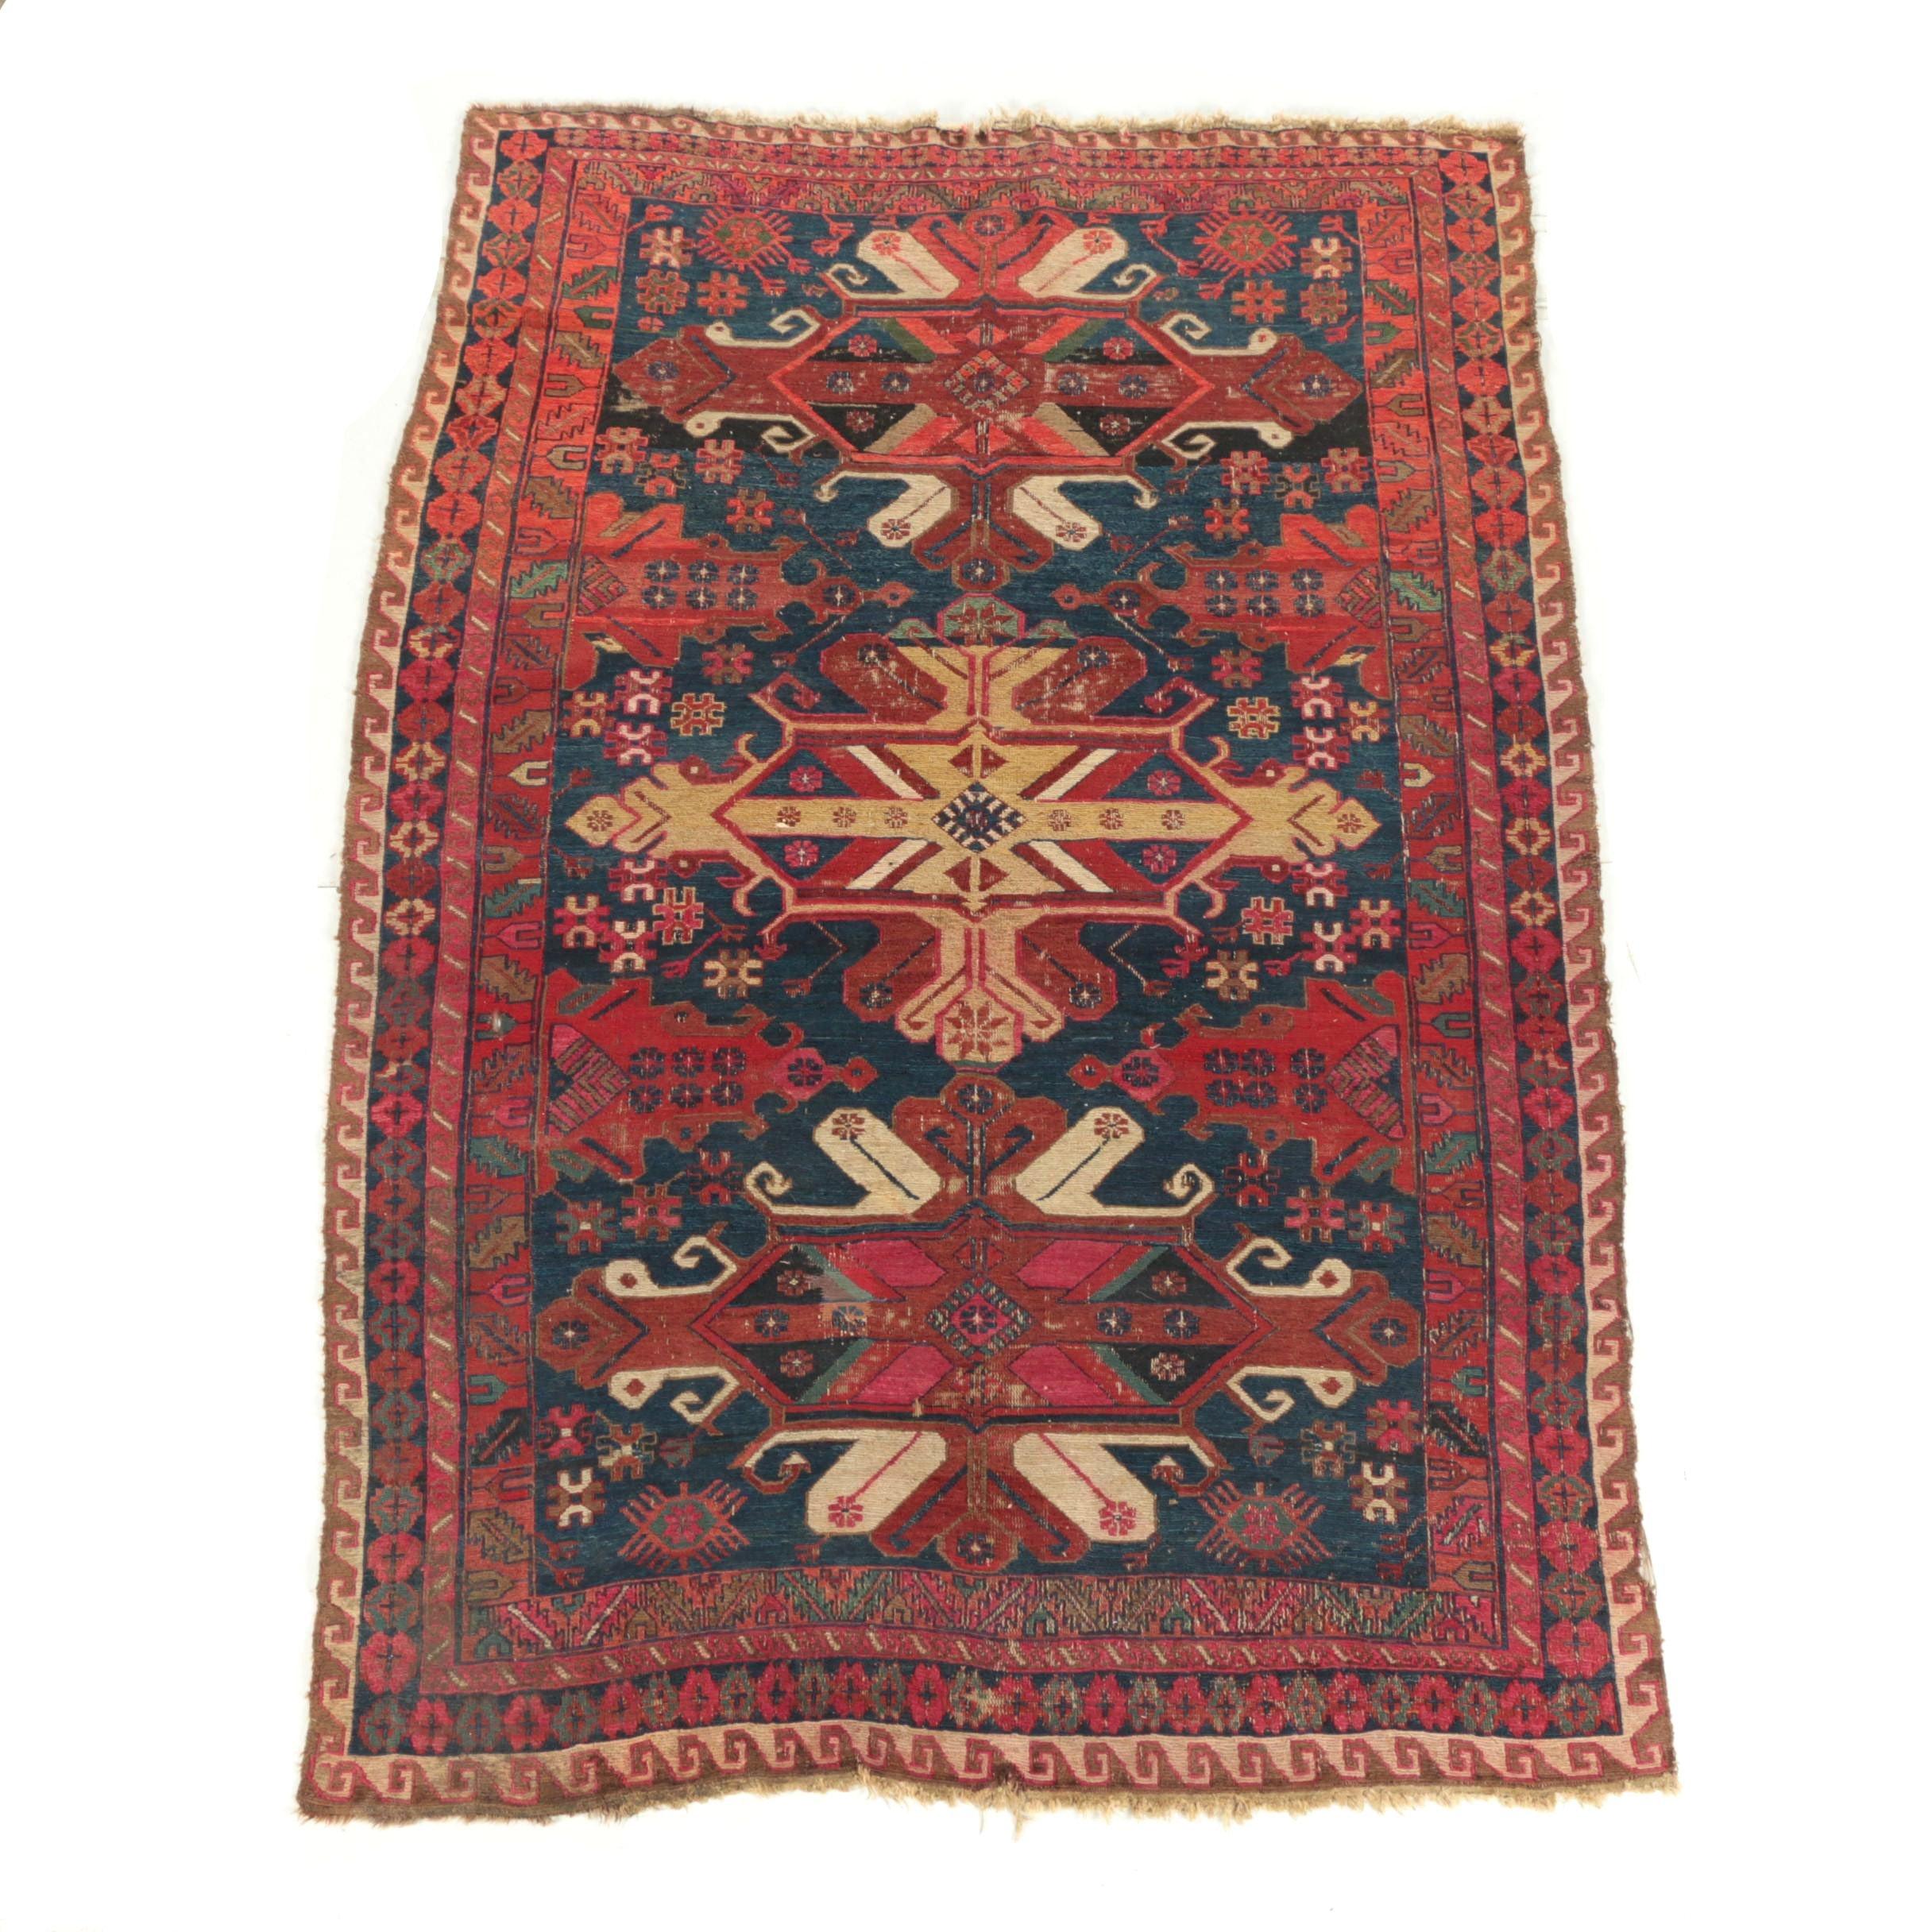 Semi-Antique Handwoven Caucasian Kurdish Wool Soumak Area Rug